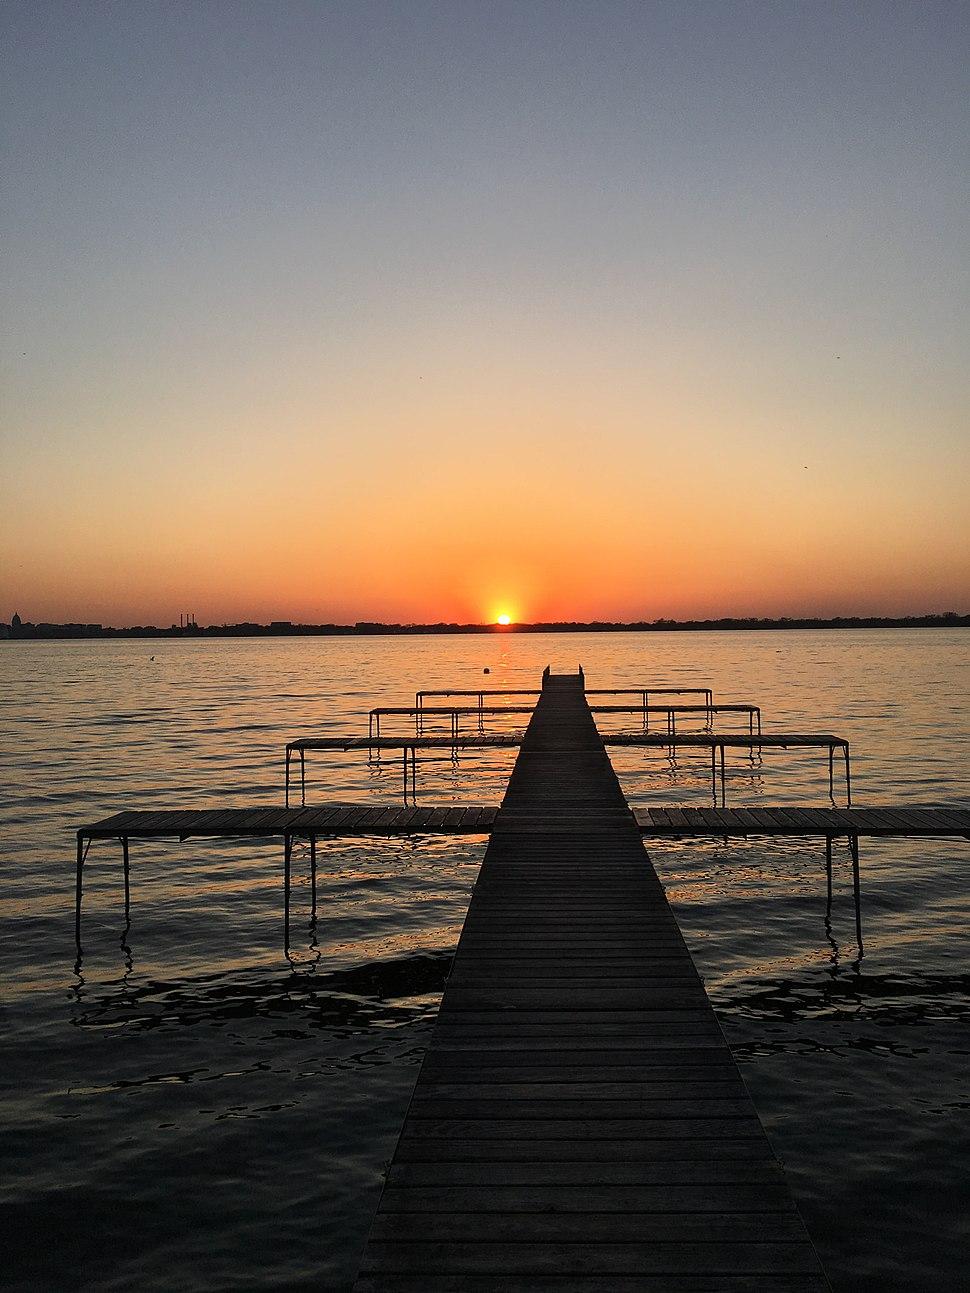 Pier in Monona, Wisconsin